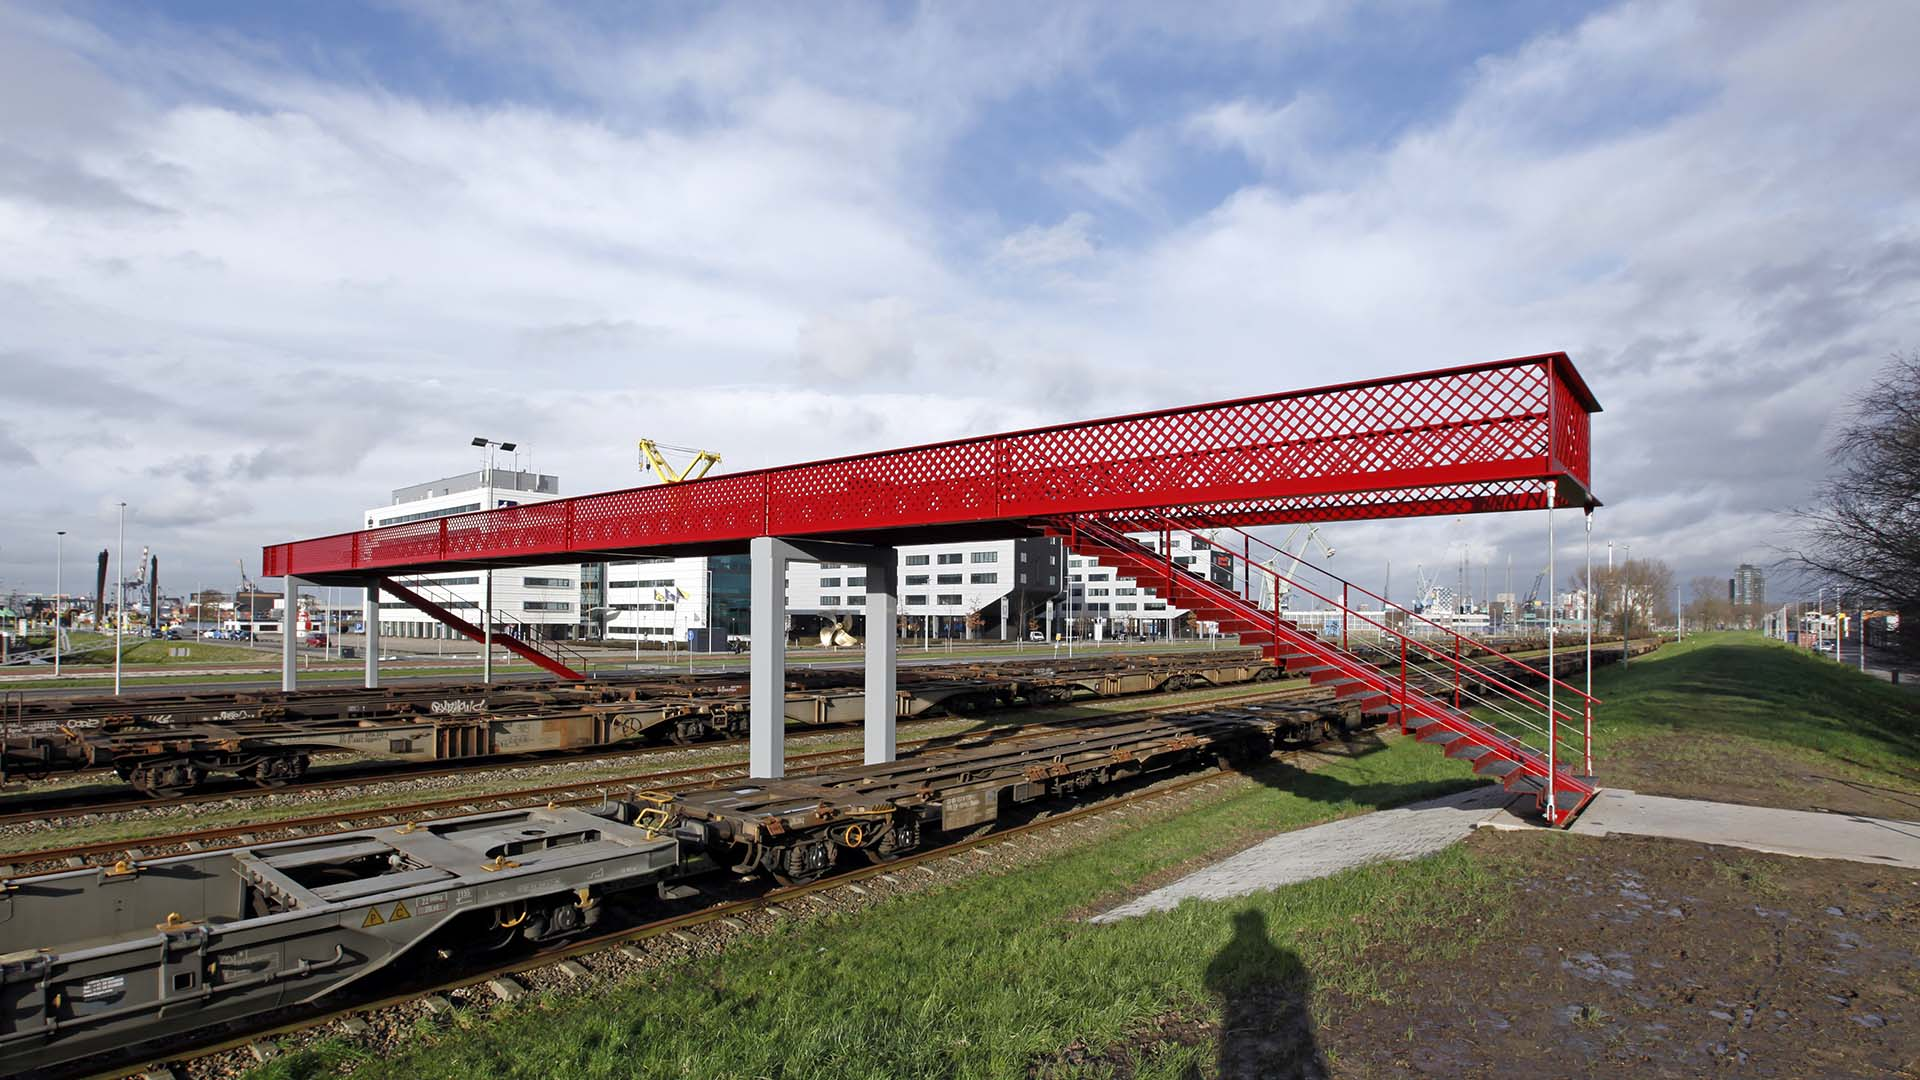 rode voetgangersbrug, passend en simpel ontwerp, ruitenpatroon aan de zijkant, brugontwerp door ipv Delft, Waalhaven